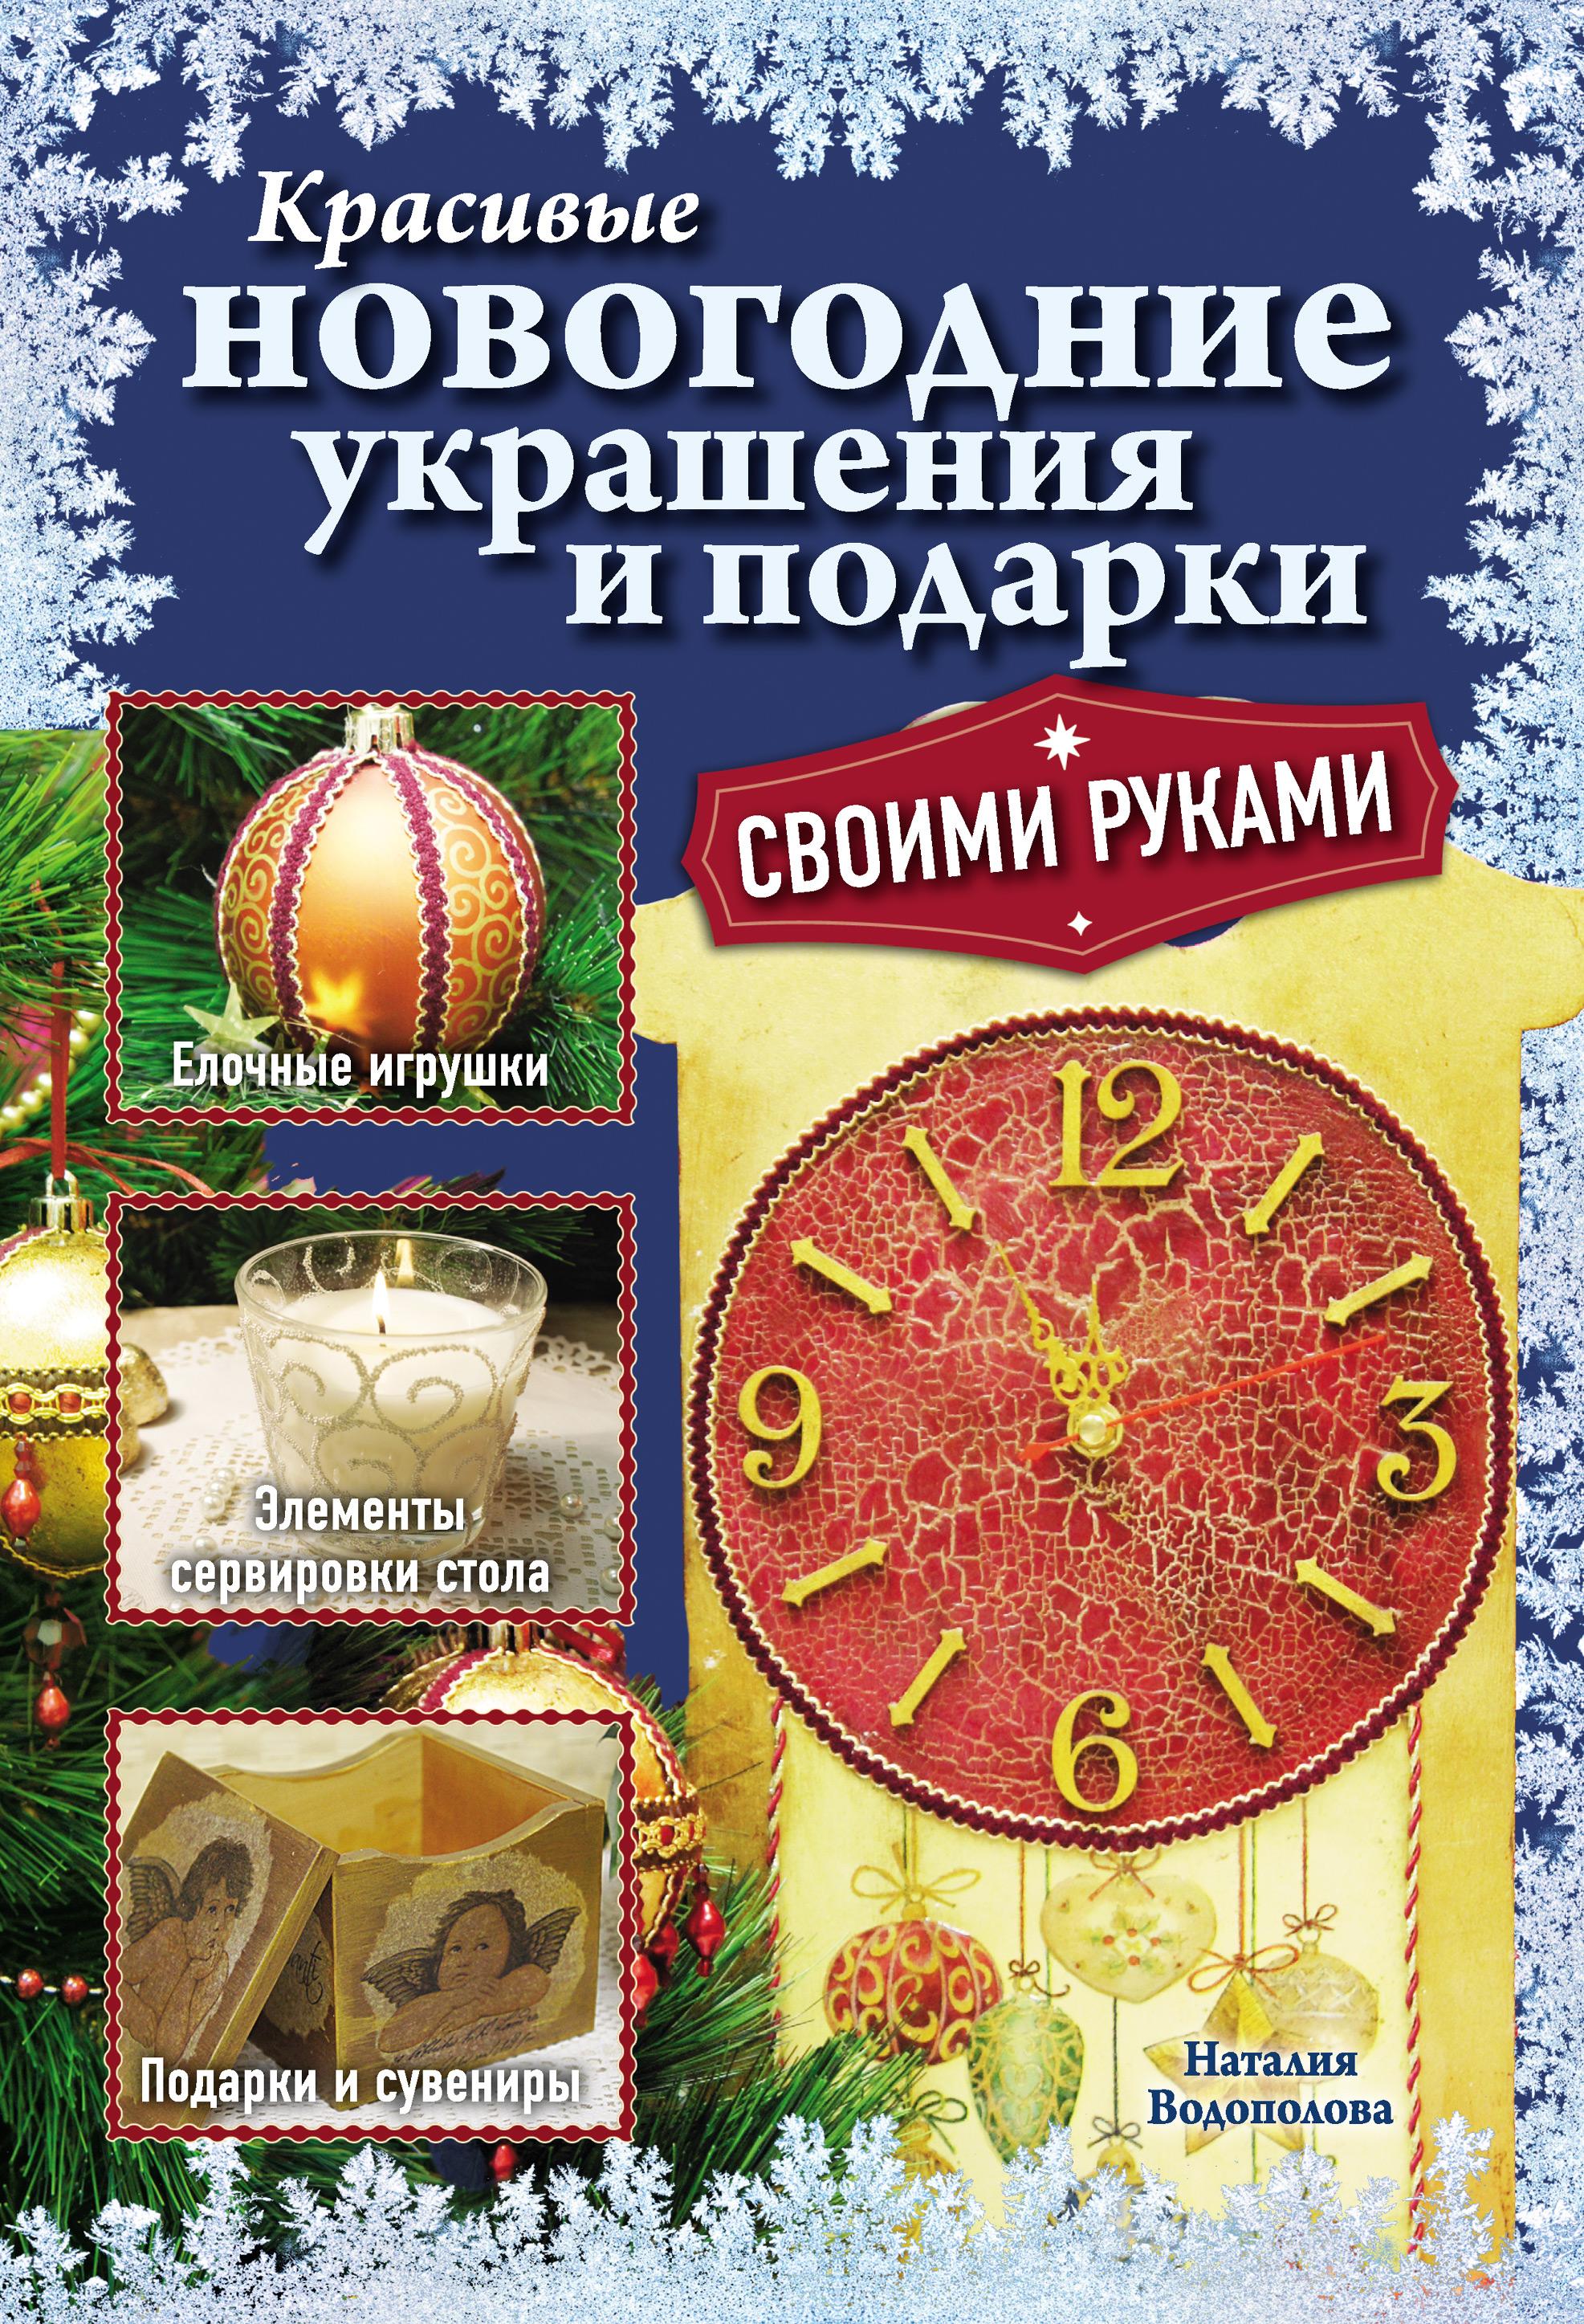 Наталия Водополова Красивые новогодние украшения и подарки своими руками анастасия данилова пасхальные украшения и подарки своими руками